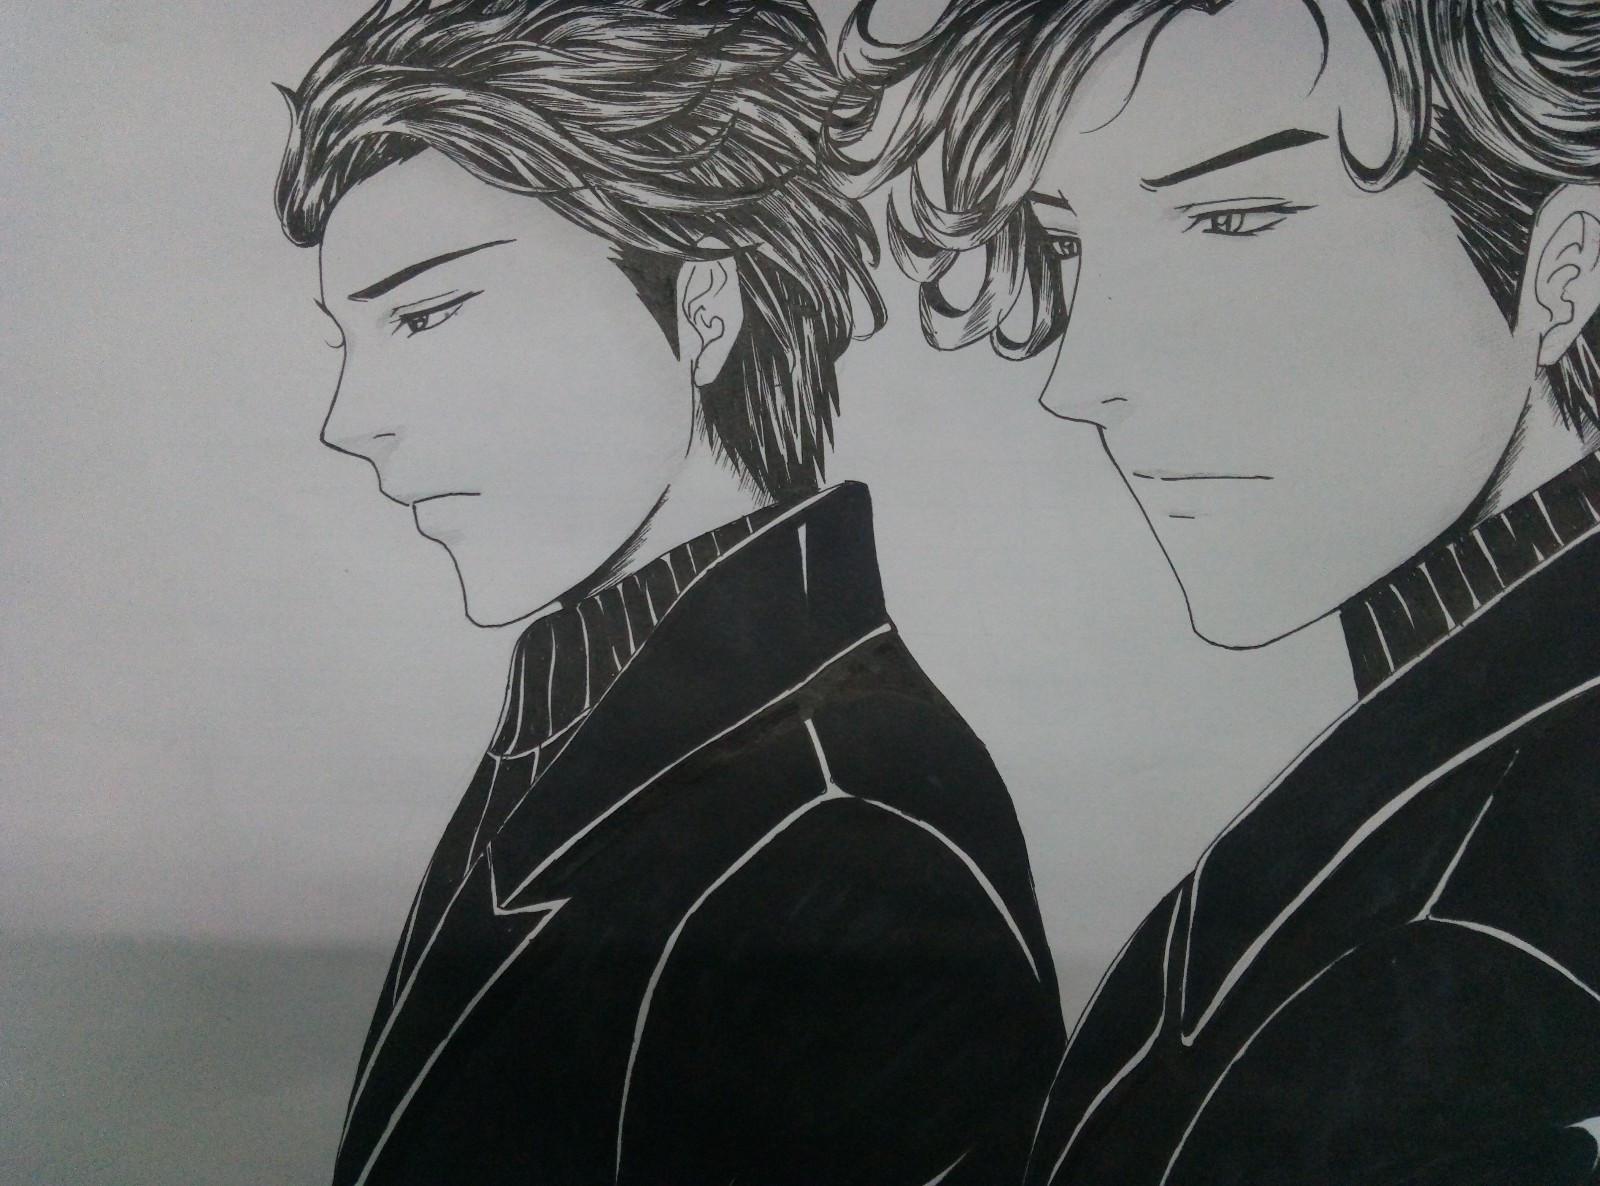 好帅气的黑白手绘!_搜狐动漫_搜狐网